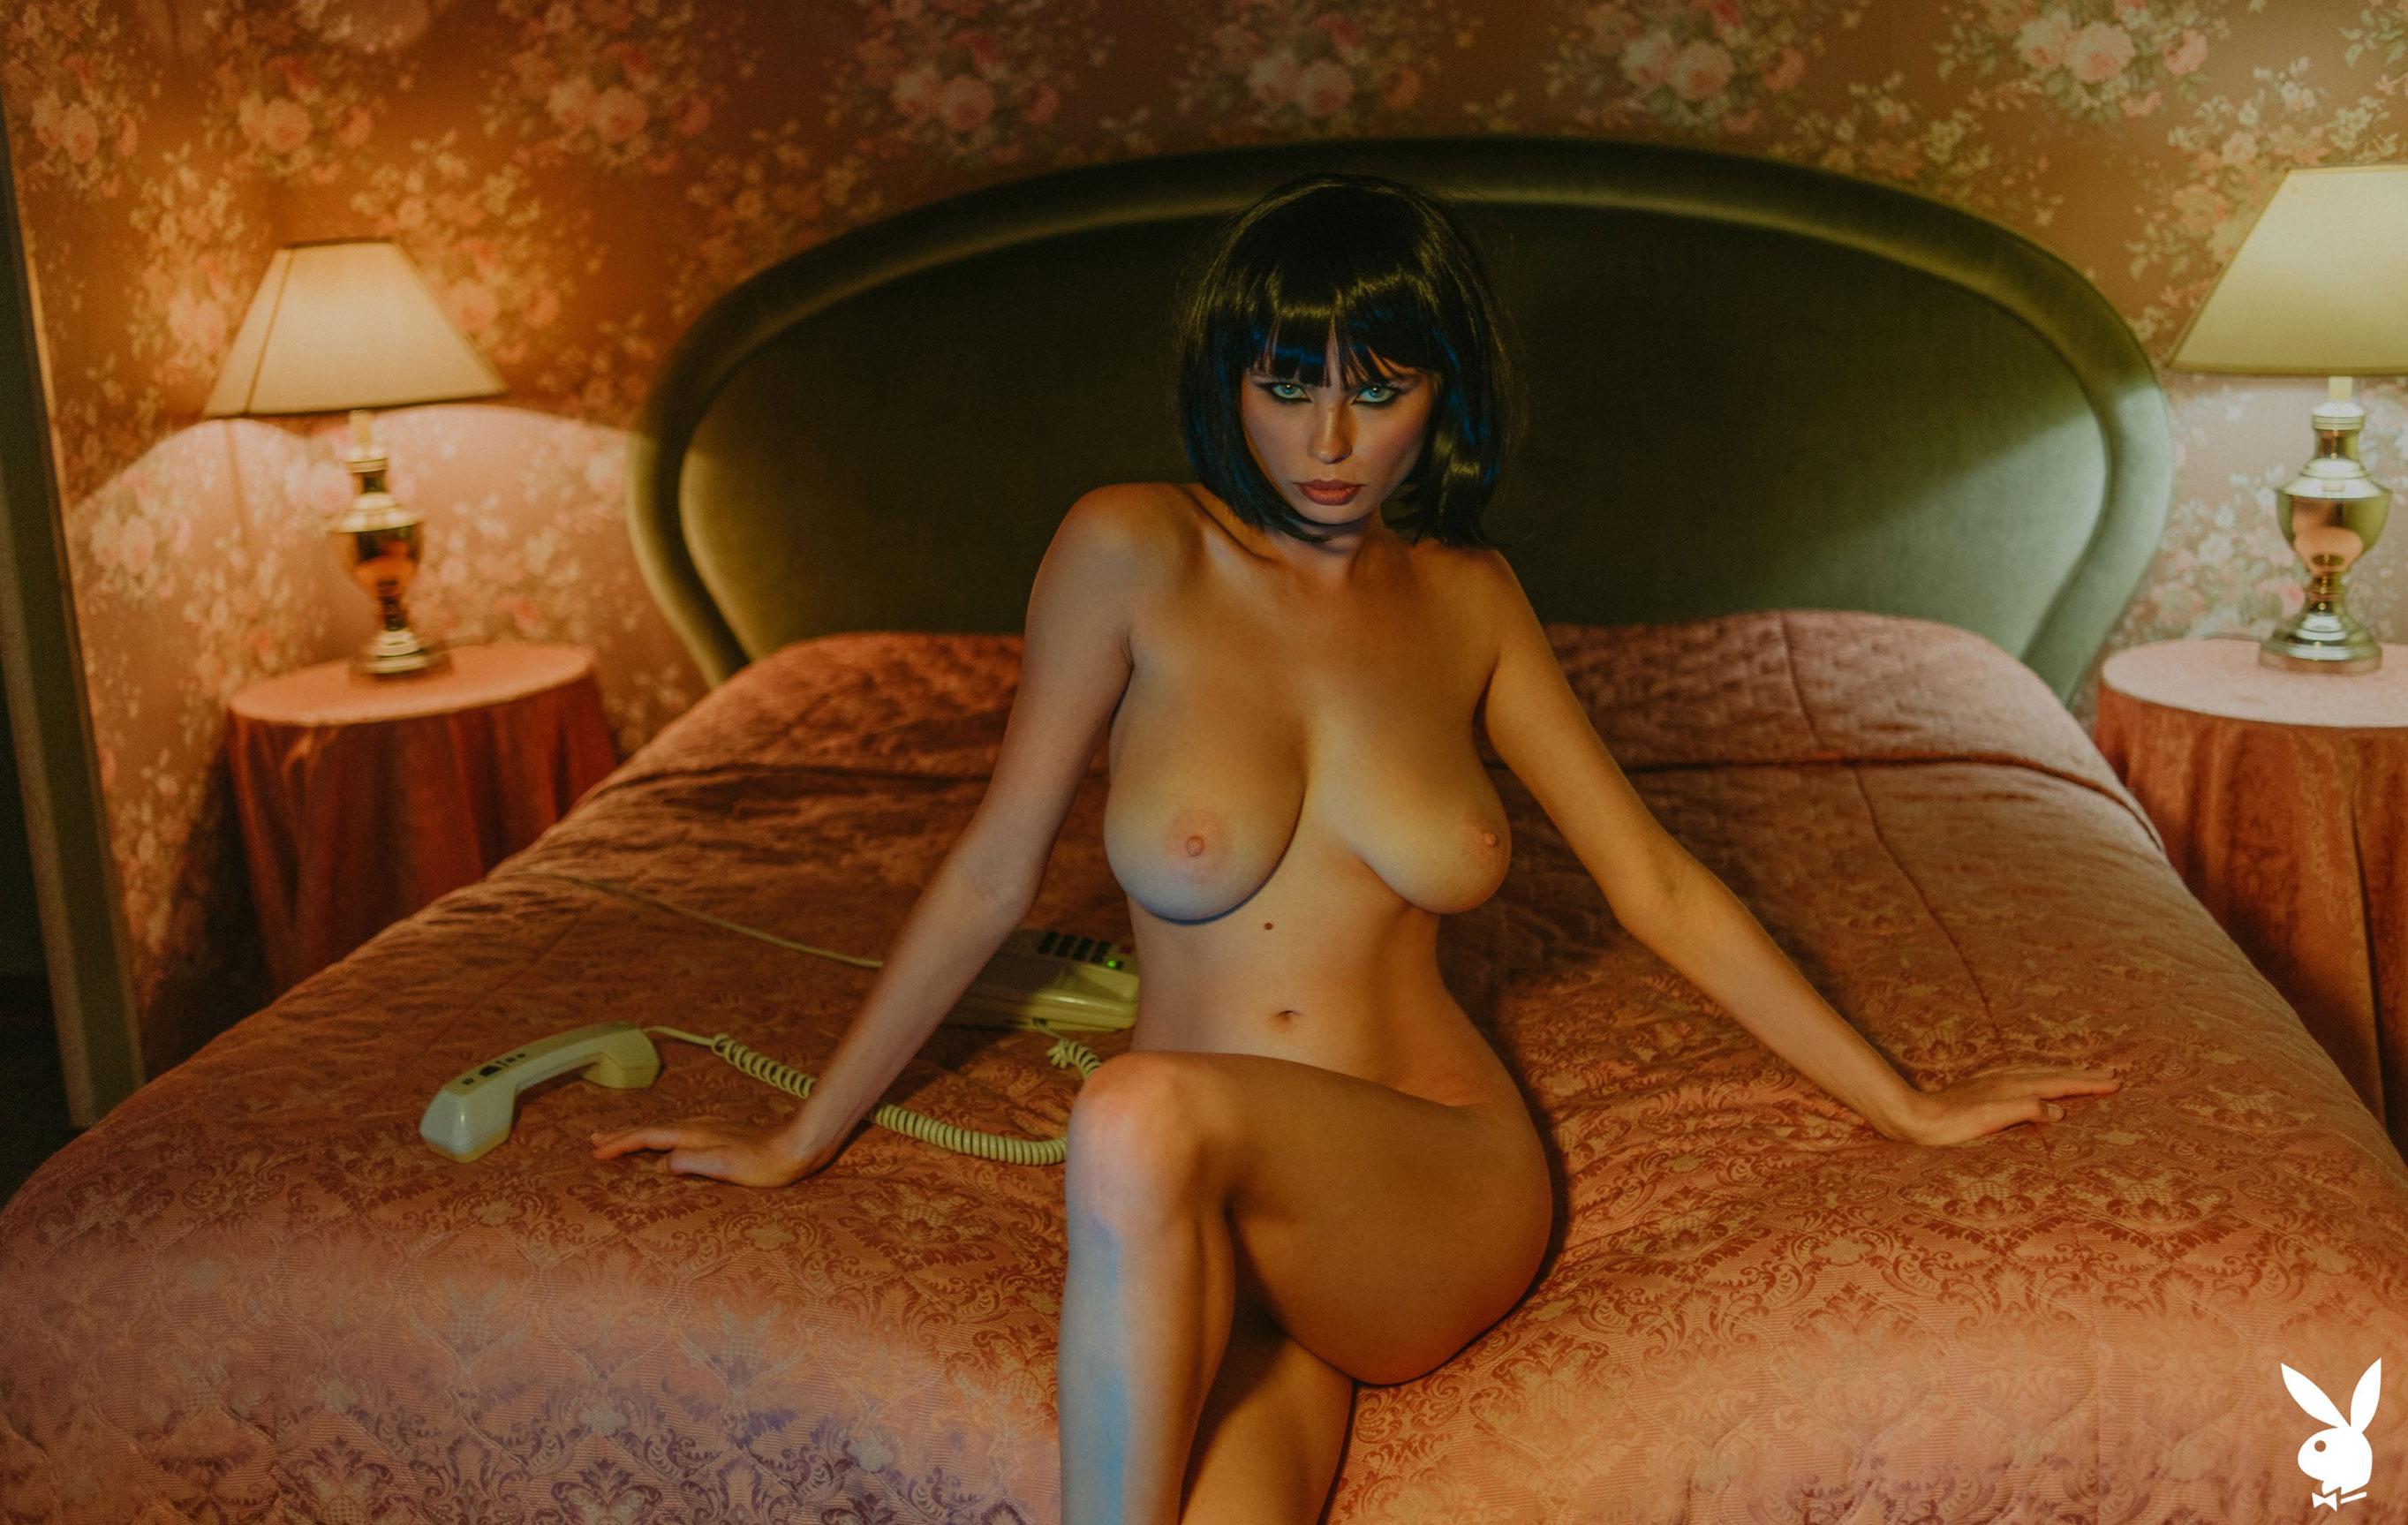 шпионская история / Юлия Логачева в гостиничном номере в Лос-Анджелесе / фото 13